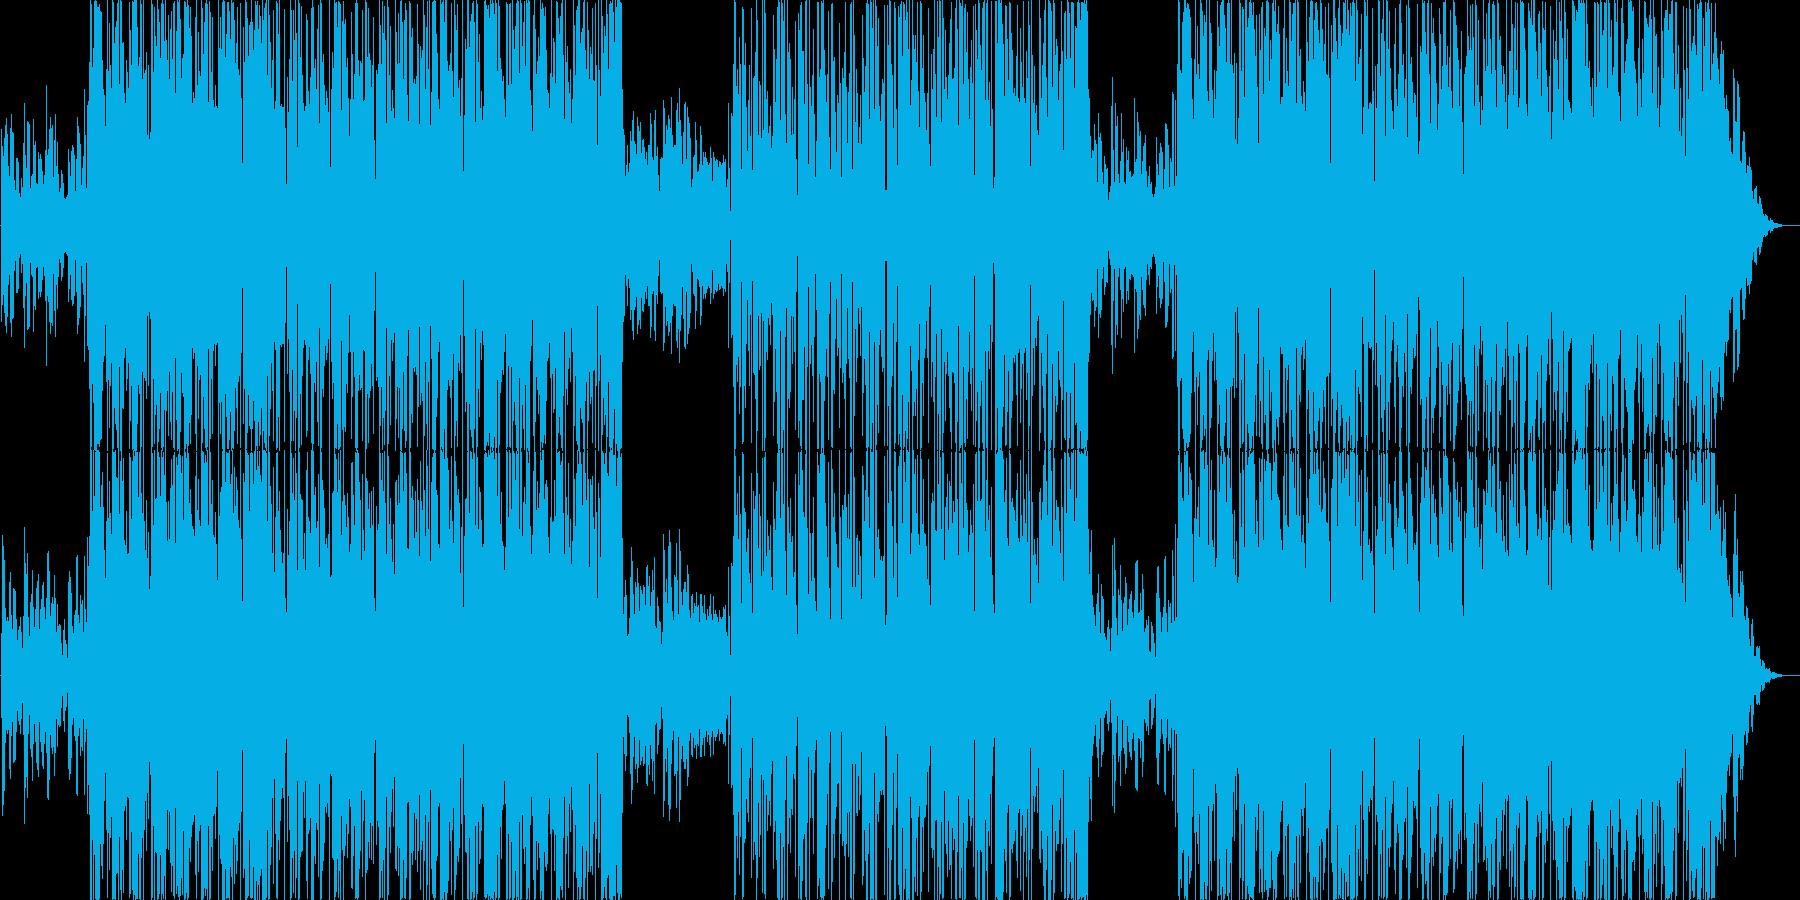 ゆったり幻想的なラウンジジャズの再生済みの波形